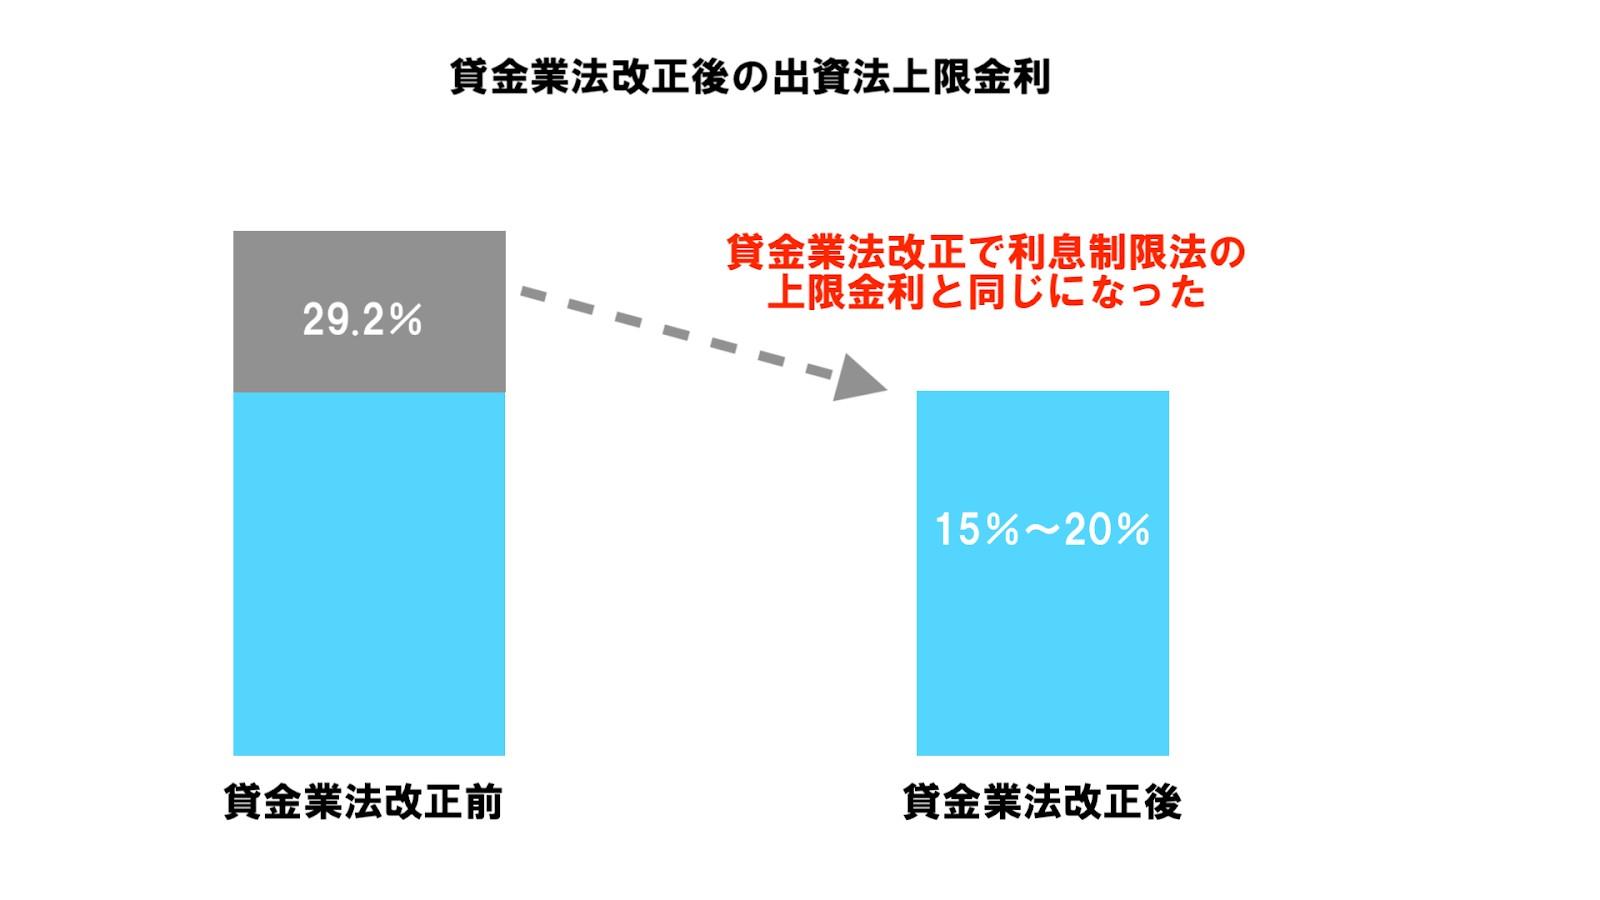 法改正により出資法の上限金利は利息制限法の上限金利と同じになった